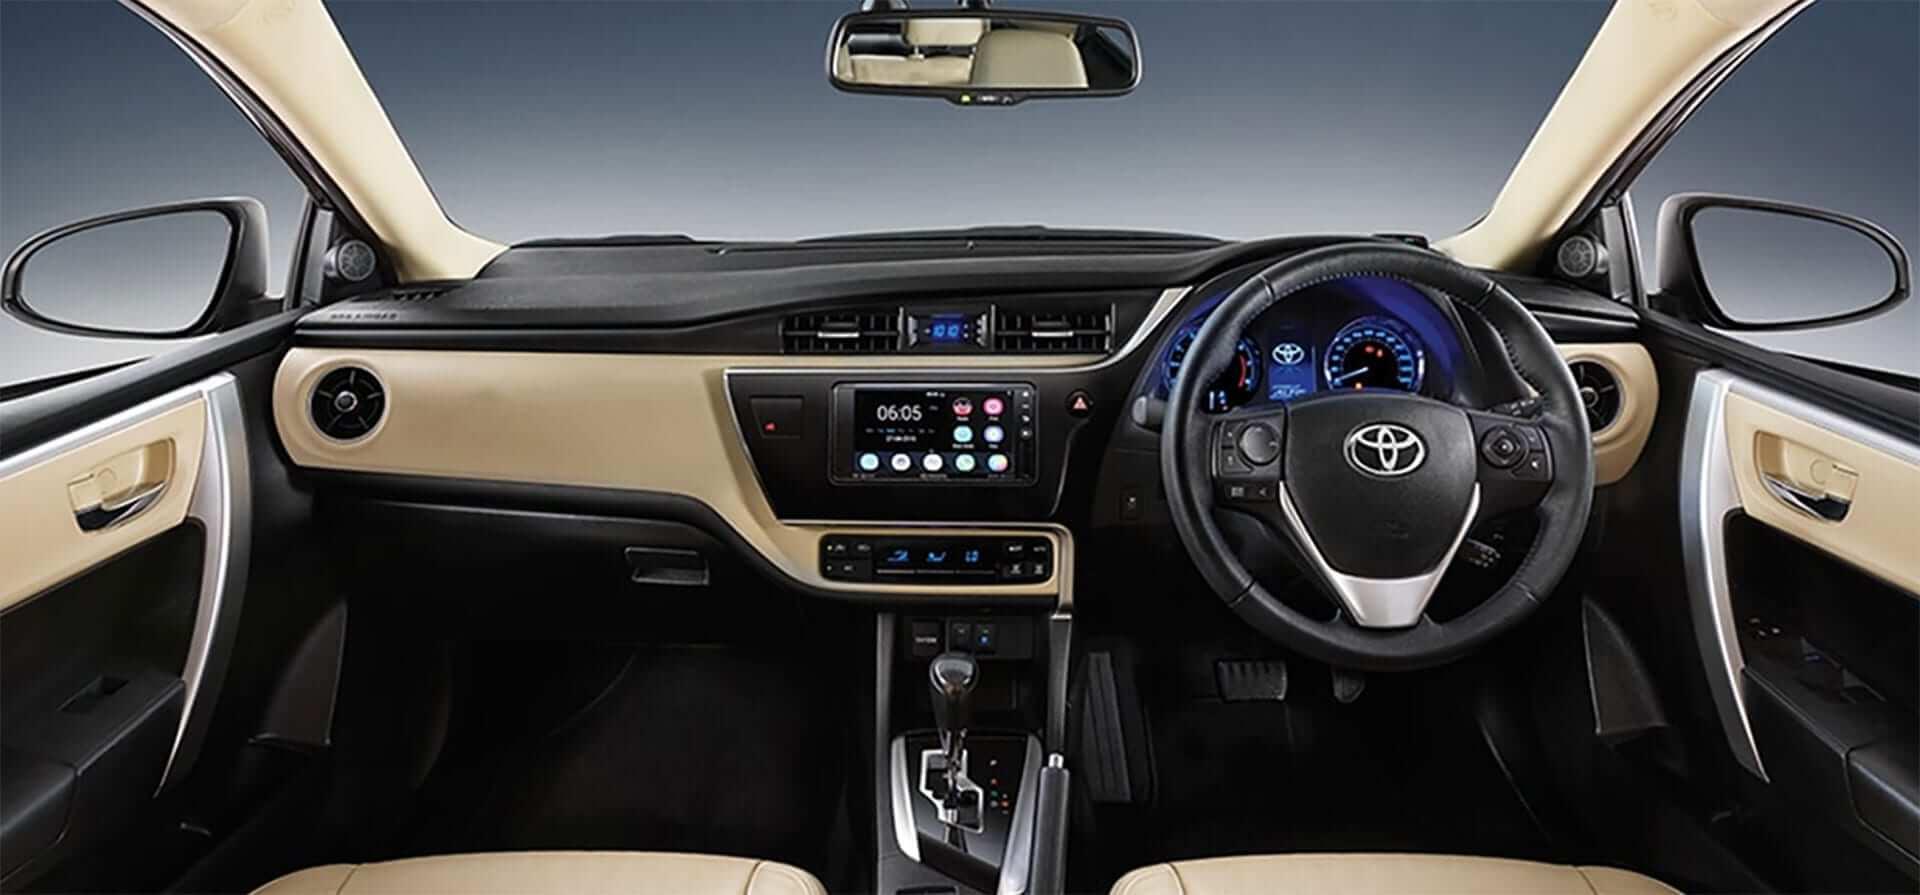 Toyotya cars dashboard